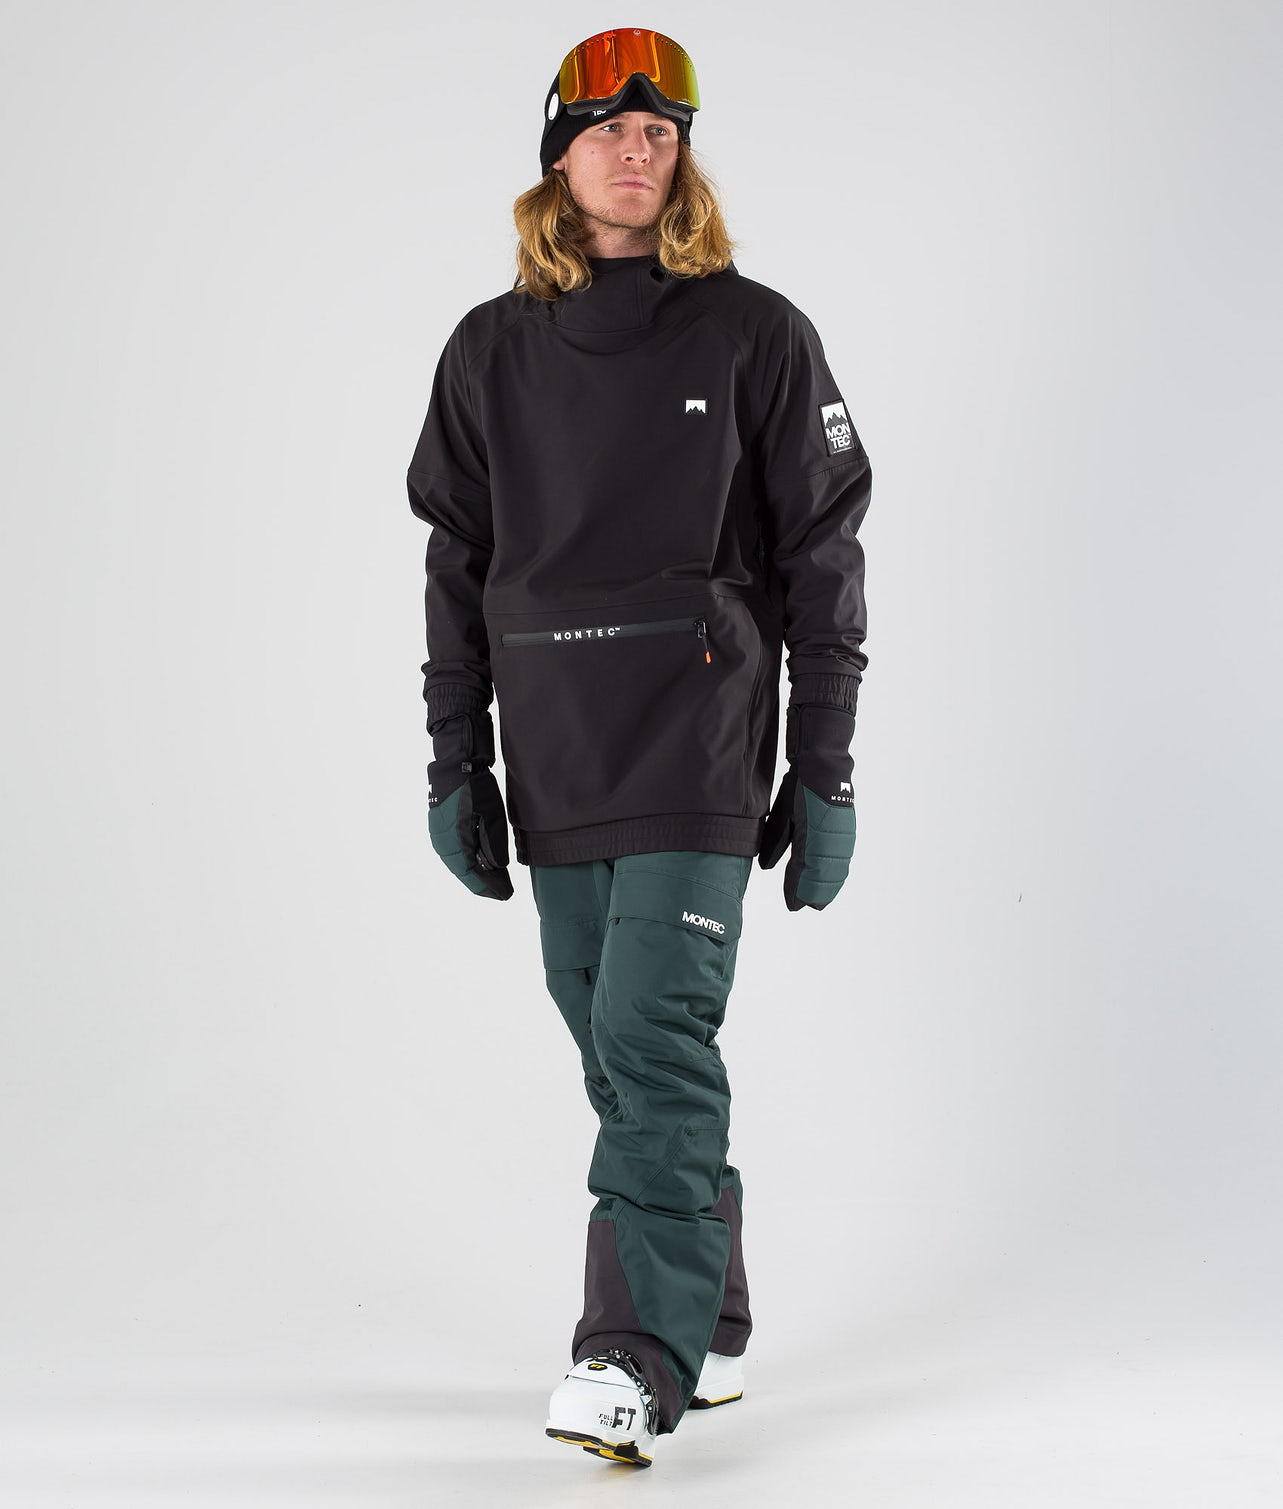 Kjøp Tempest Skijakke fra Montec på Ridestore.no - Hos oss har du alltid fri frakt, fri retur og 30 dagers åpent kjøp!